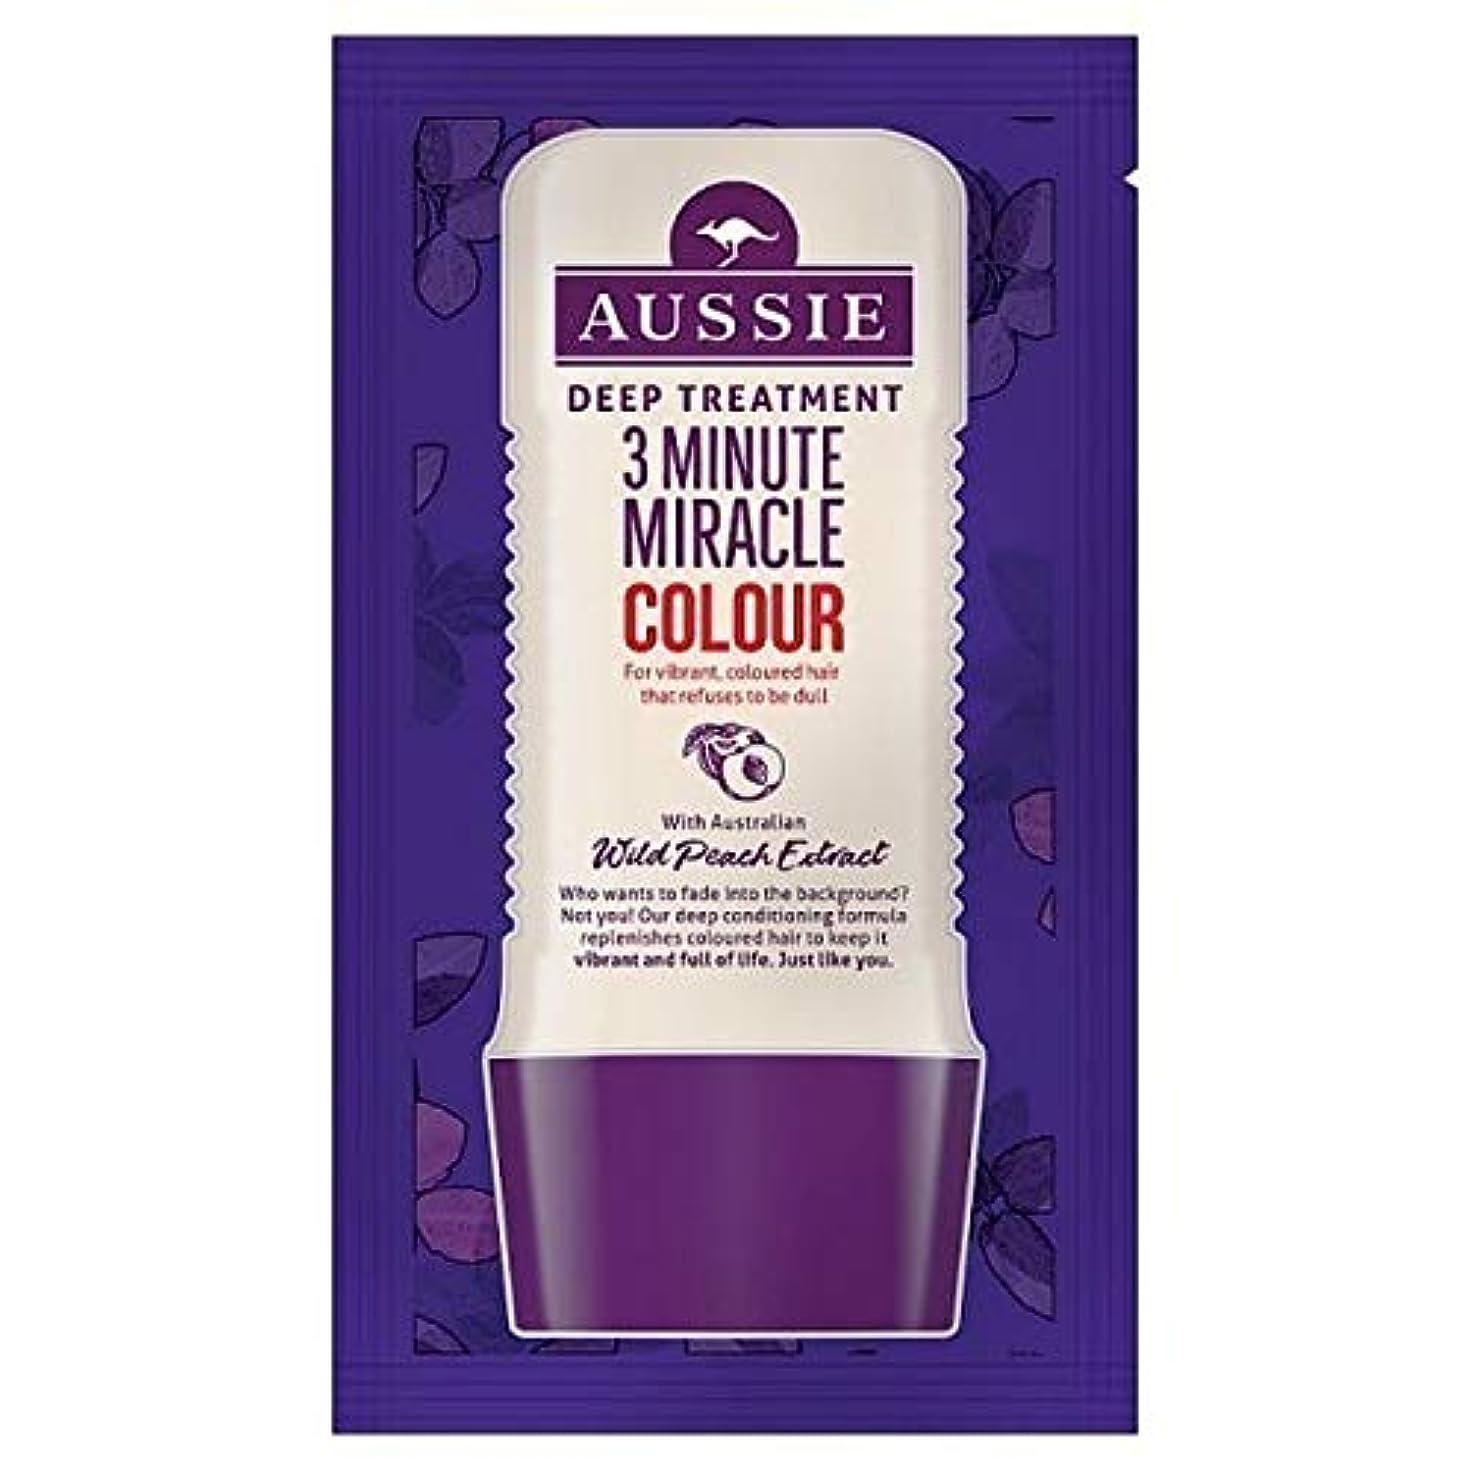 逃す液化する広範囲に[Aussie ] オーストラリアの深い治療3分の奇跡カラー20ミリリットル - Aussie Deep Treatment 3 Minute Miracle Colour 20ml [並行輸入品]